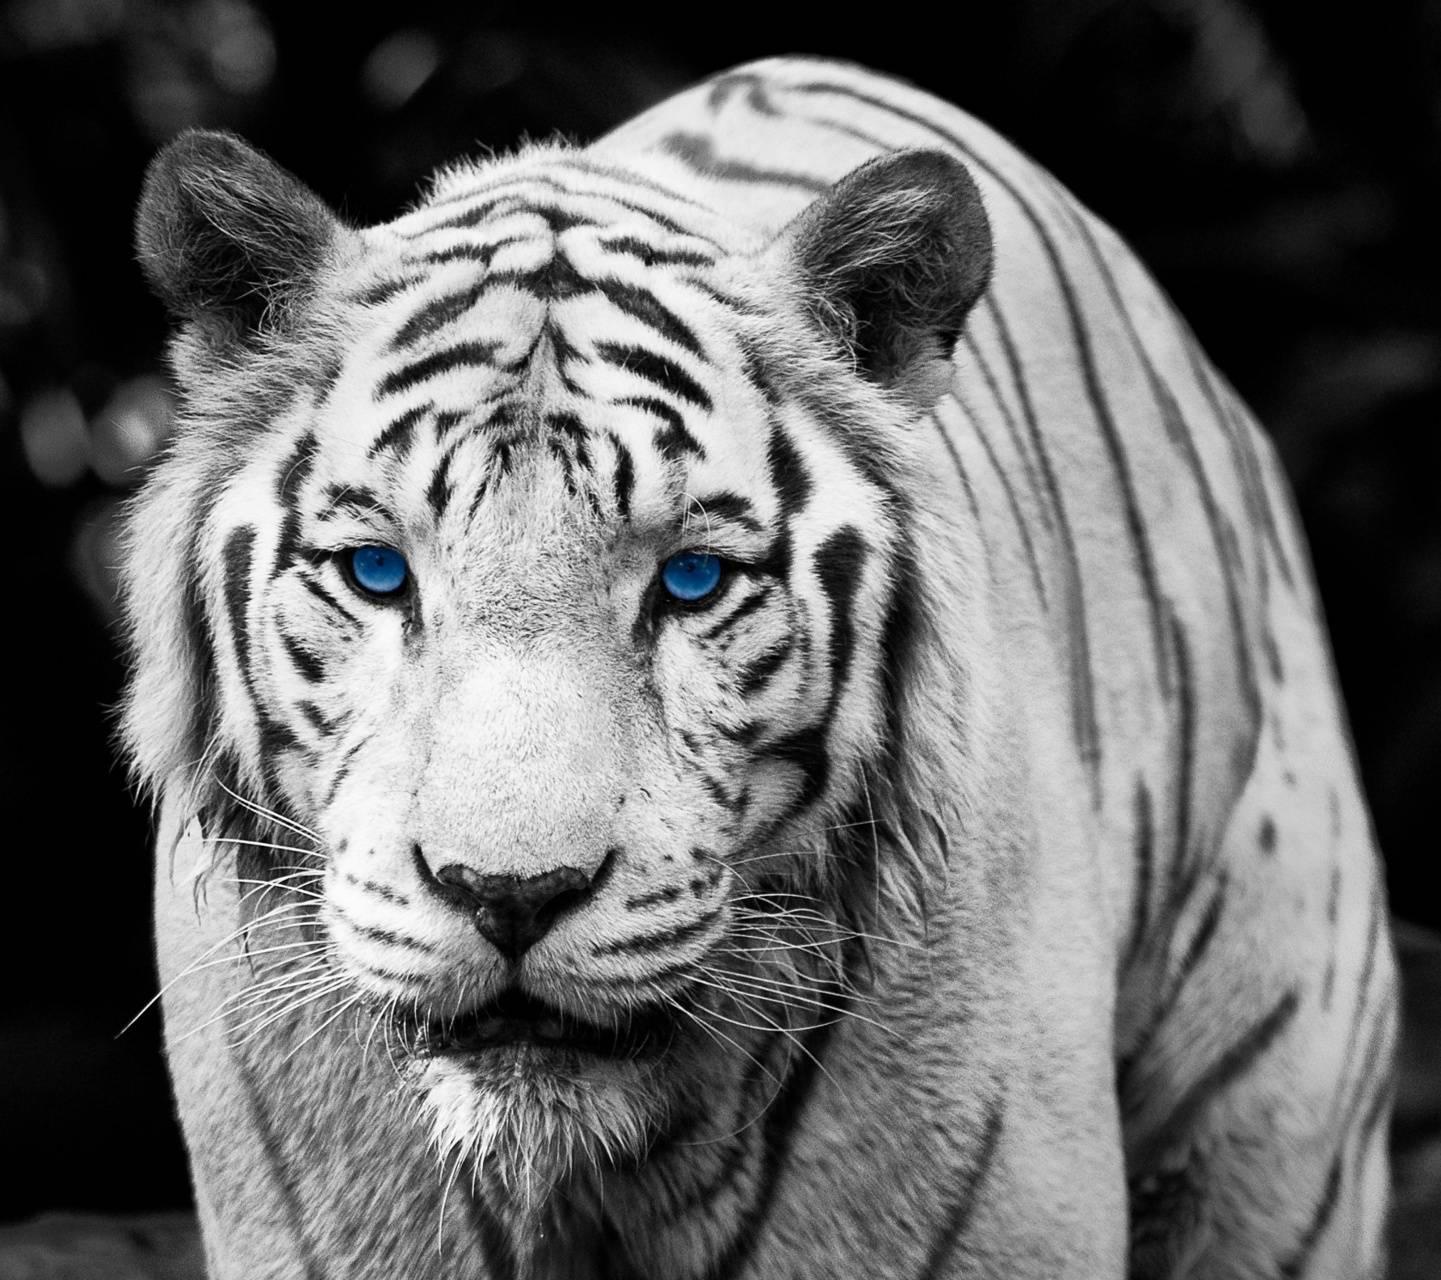 Blue Eyes Tiger Wallpaper By Sphinxlars